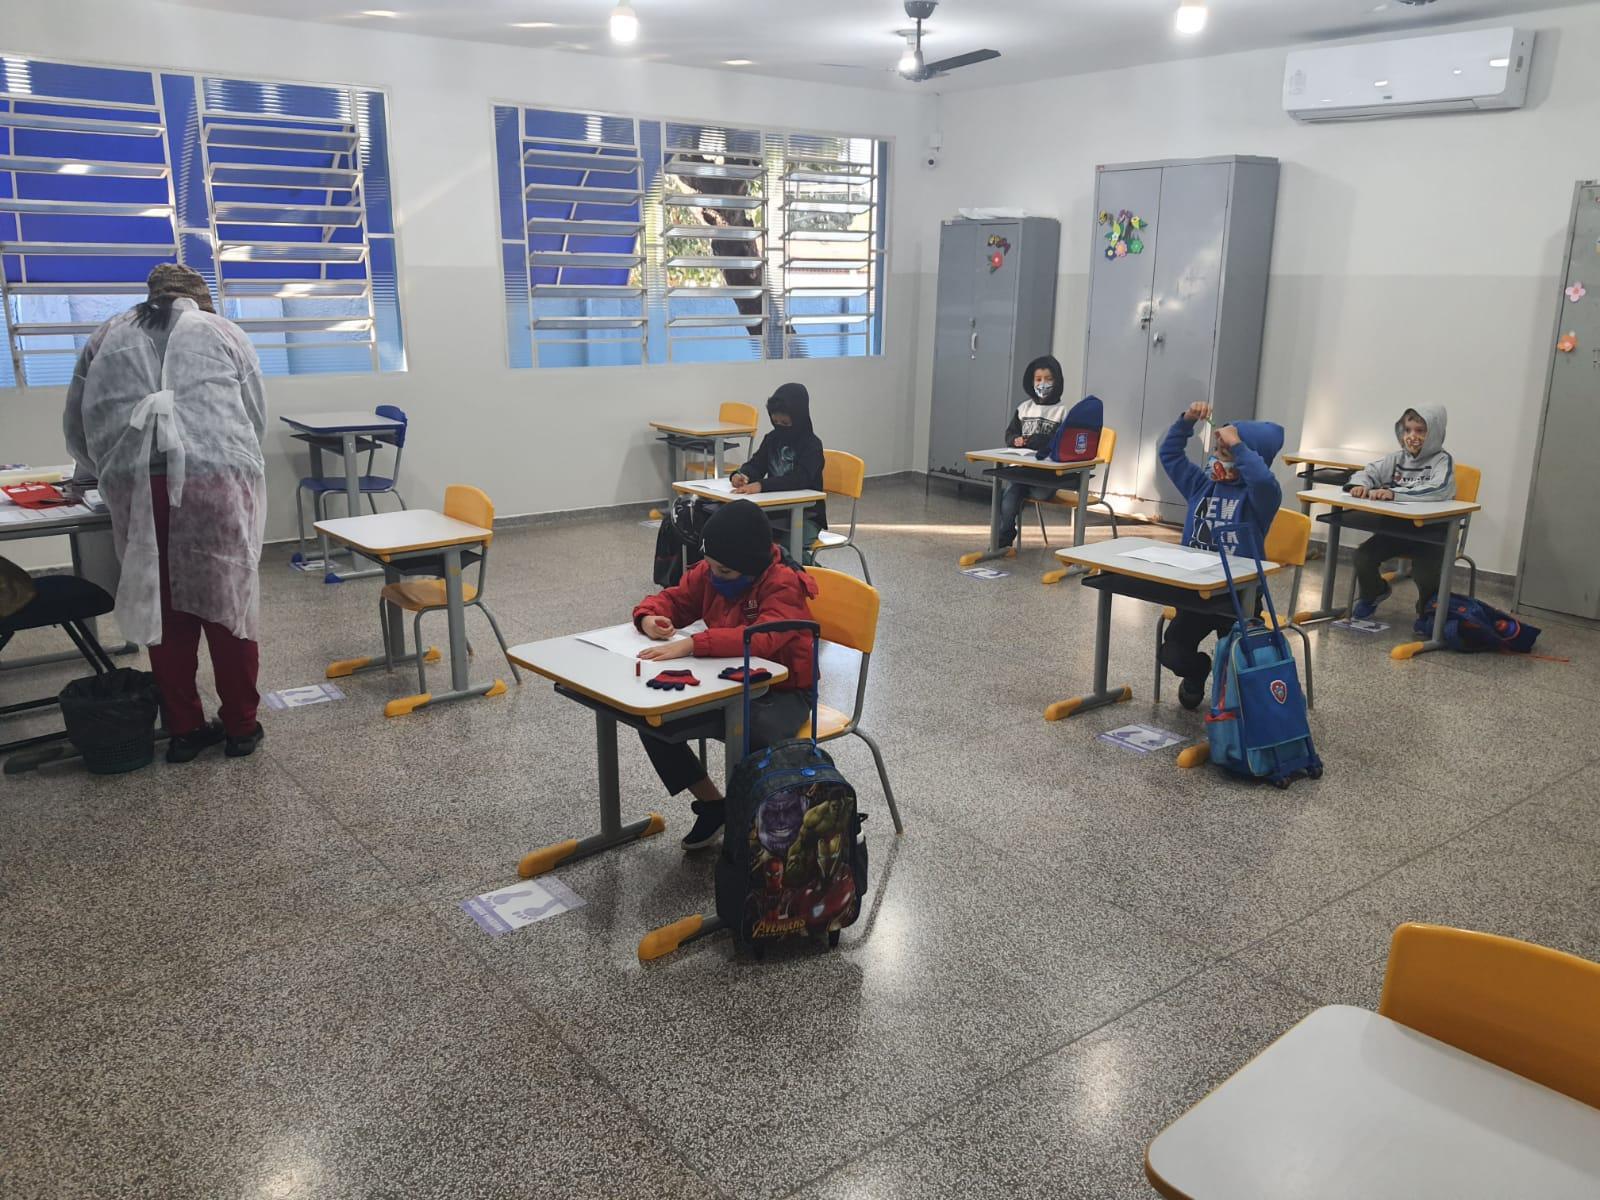 Carinho e emoção marcam a volta dos alunos para a sala de aula em Três Lagoas